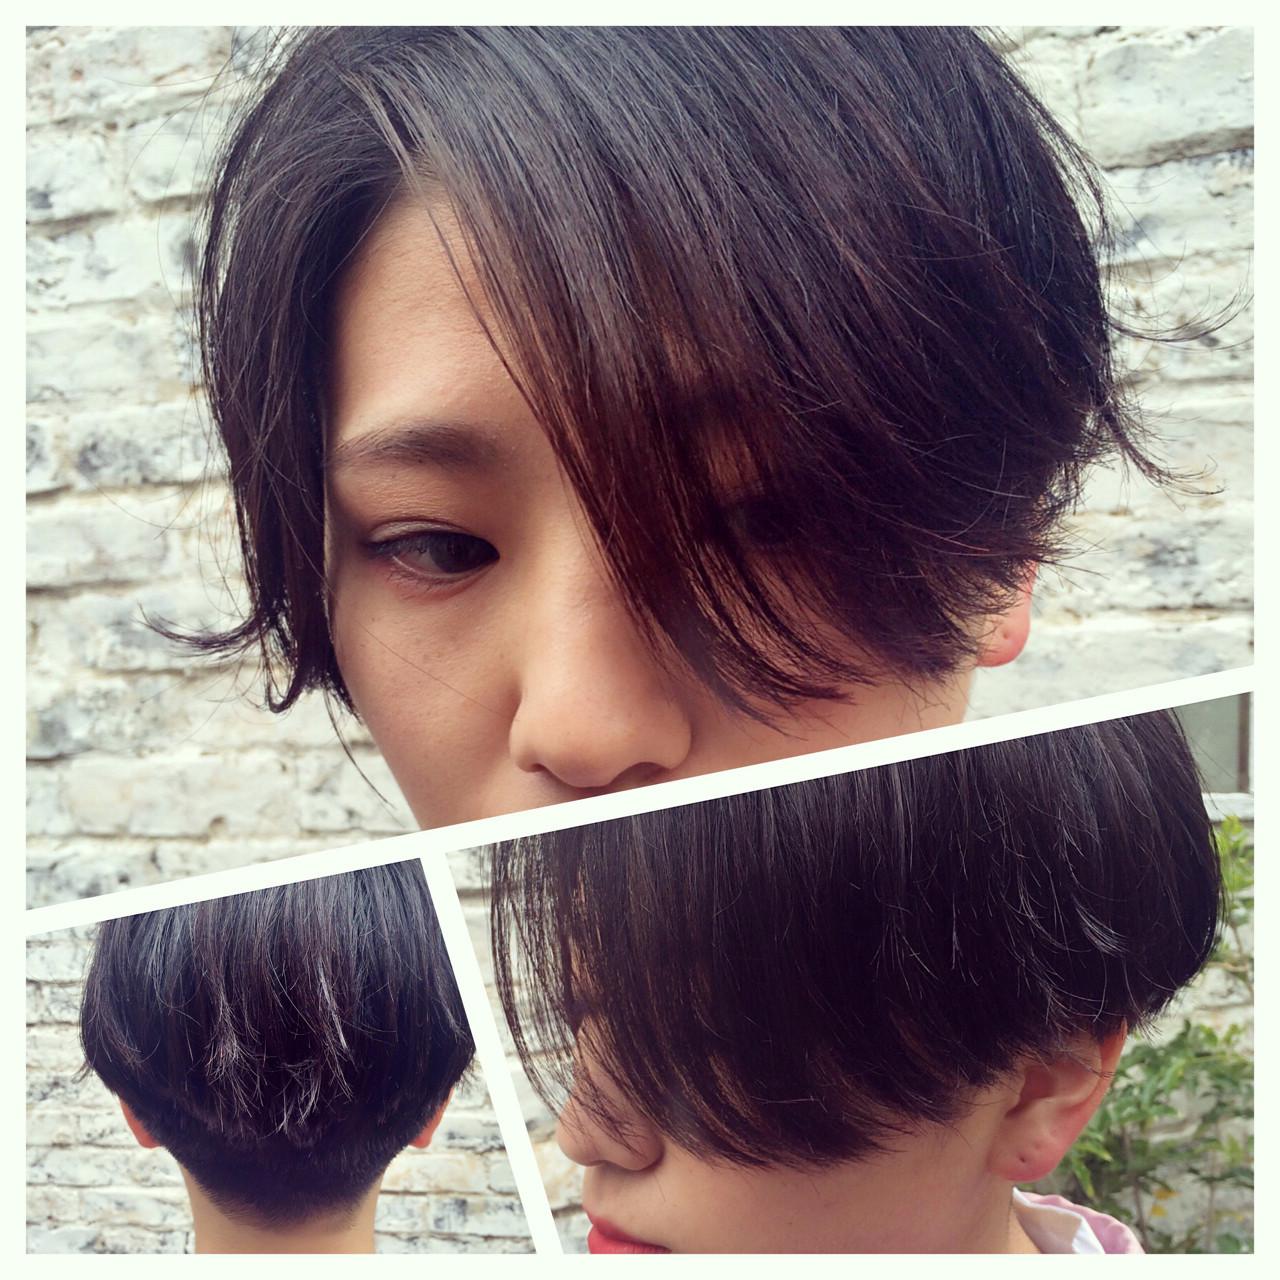 刈り上げ ショート 前下がり 黒髪 ヘアスタイルや髪型の写真・画像